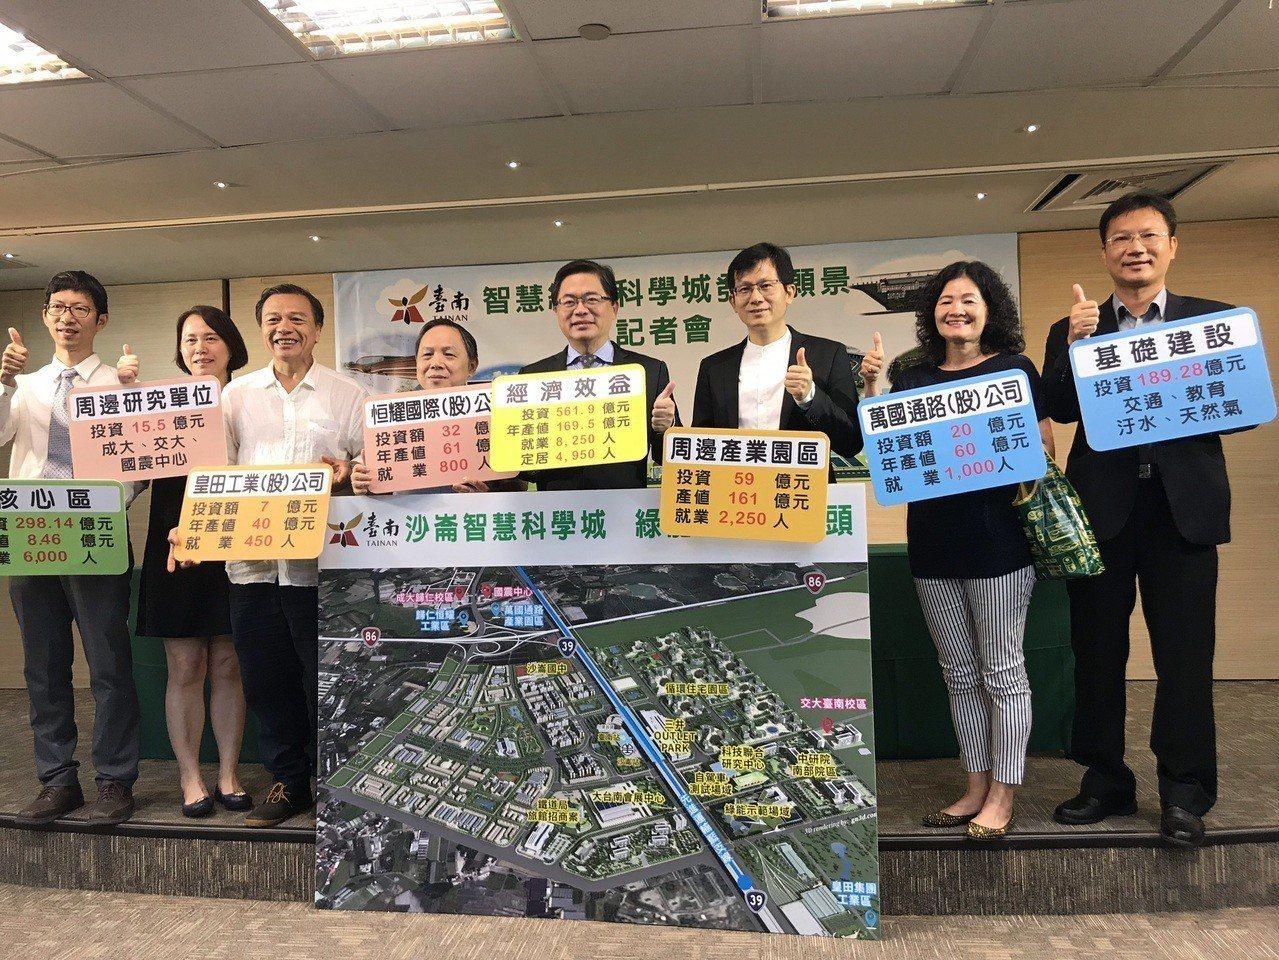 台南配合中央推動「5+2」產業政策「綠能科技產業」,爭取設置沙崙智慧綠能科學城,...